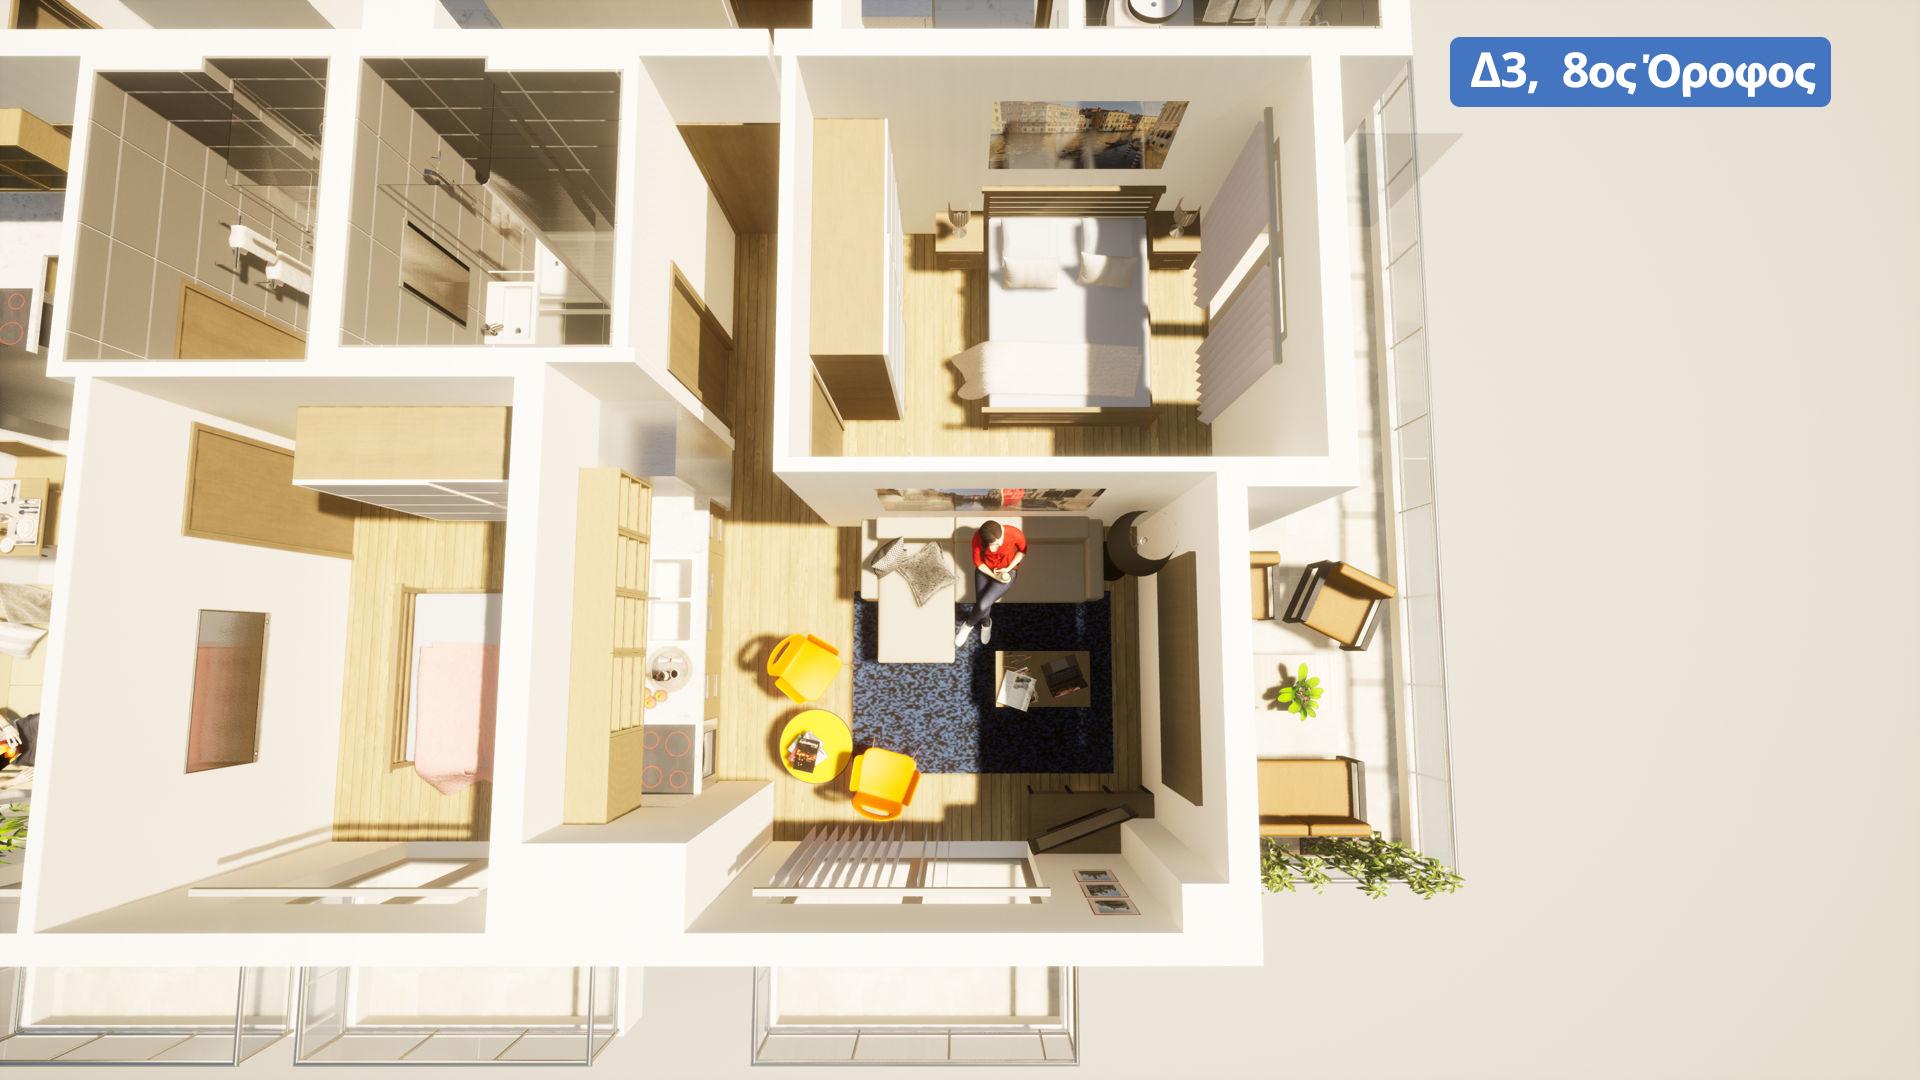 Δ3, 8ος όροφος